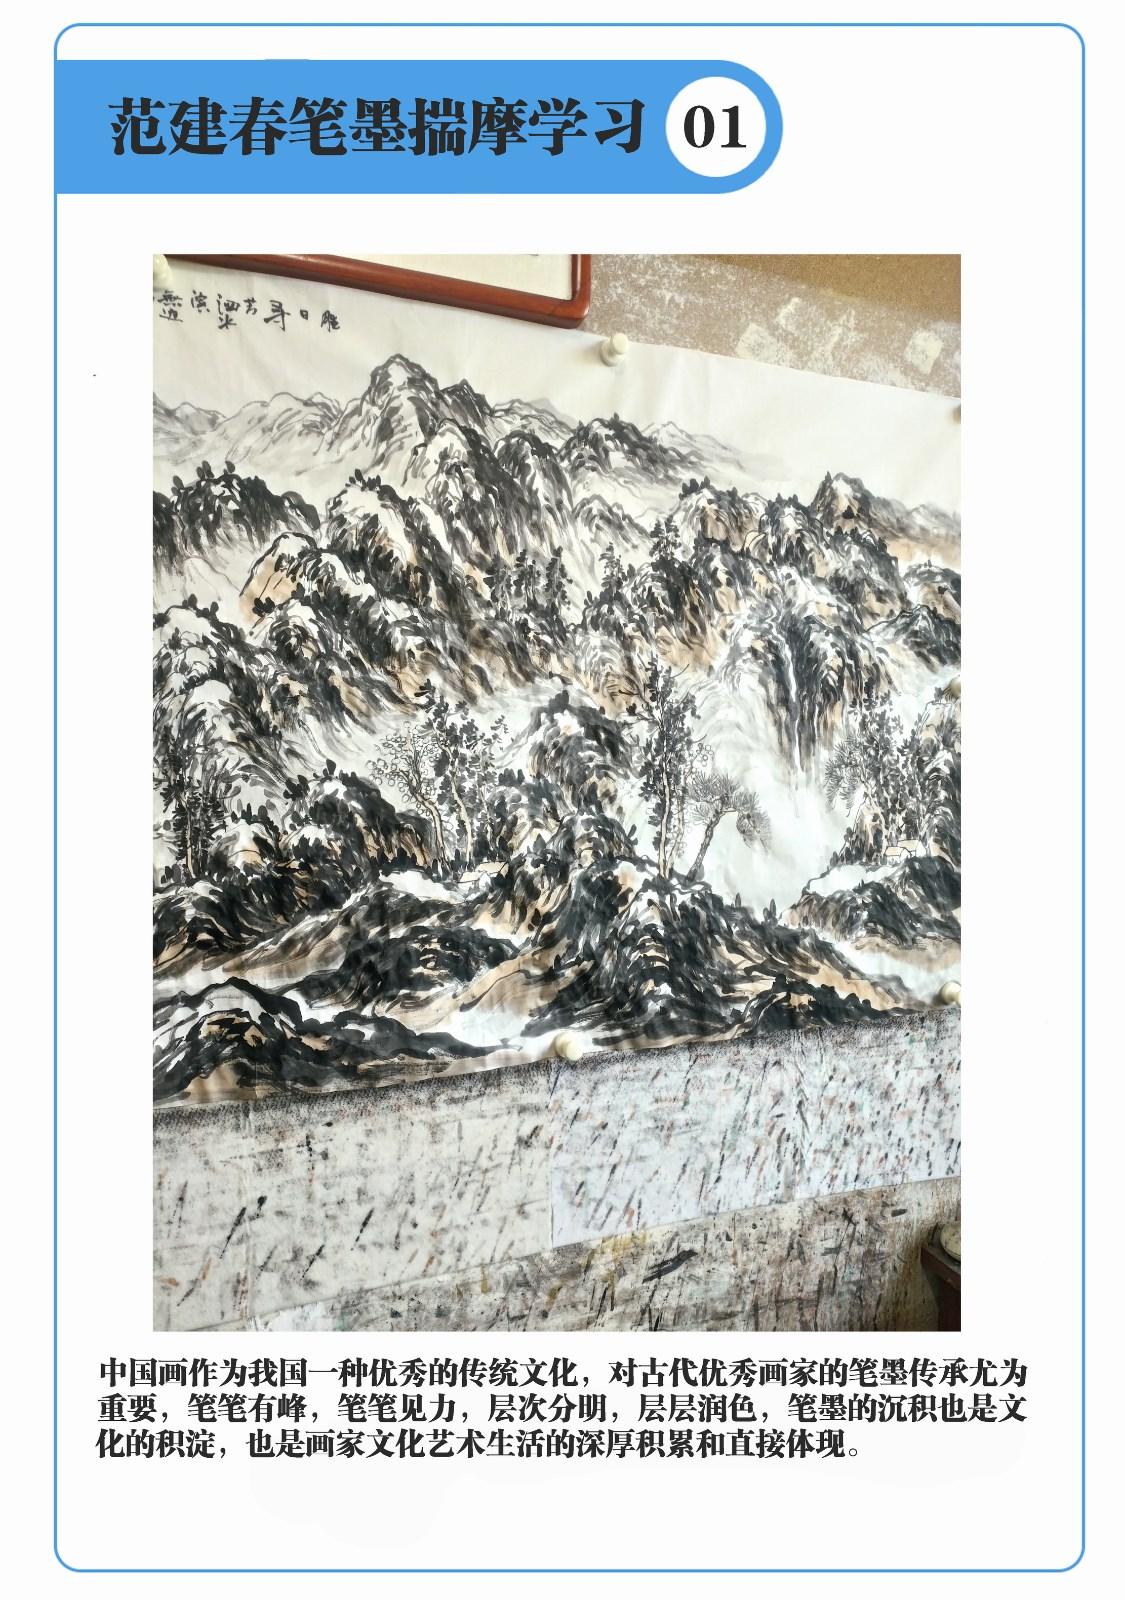 中国画名家笔墨欣赏(二)_图1-5